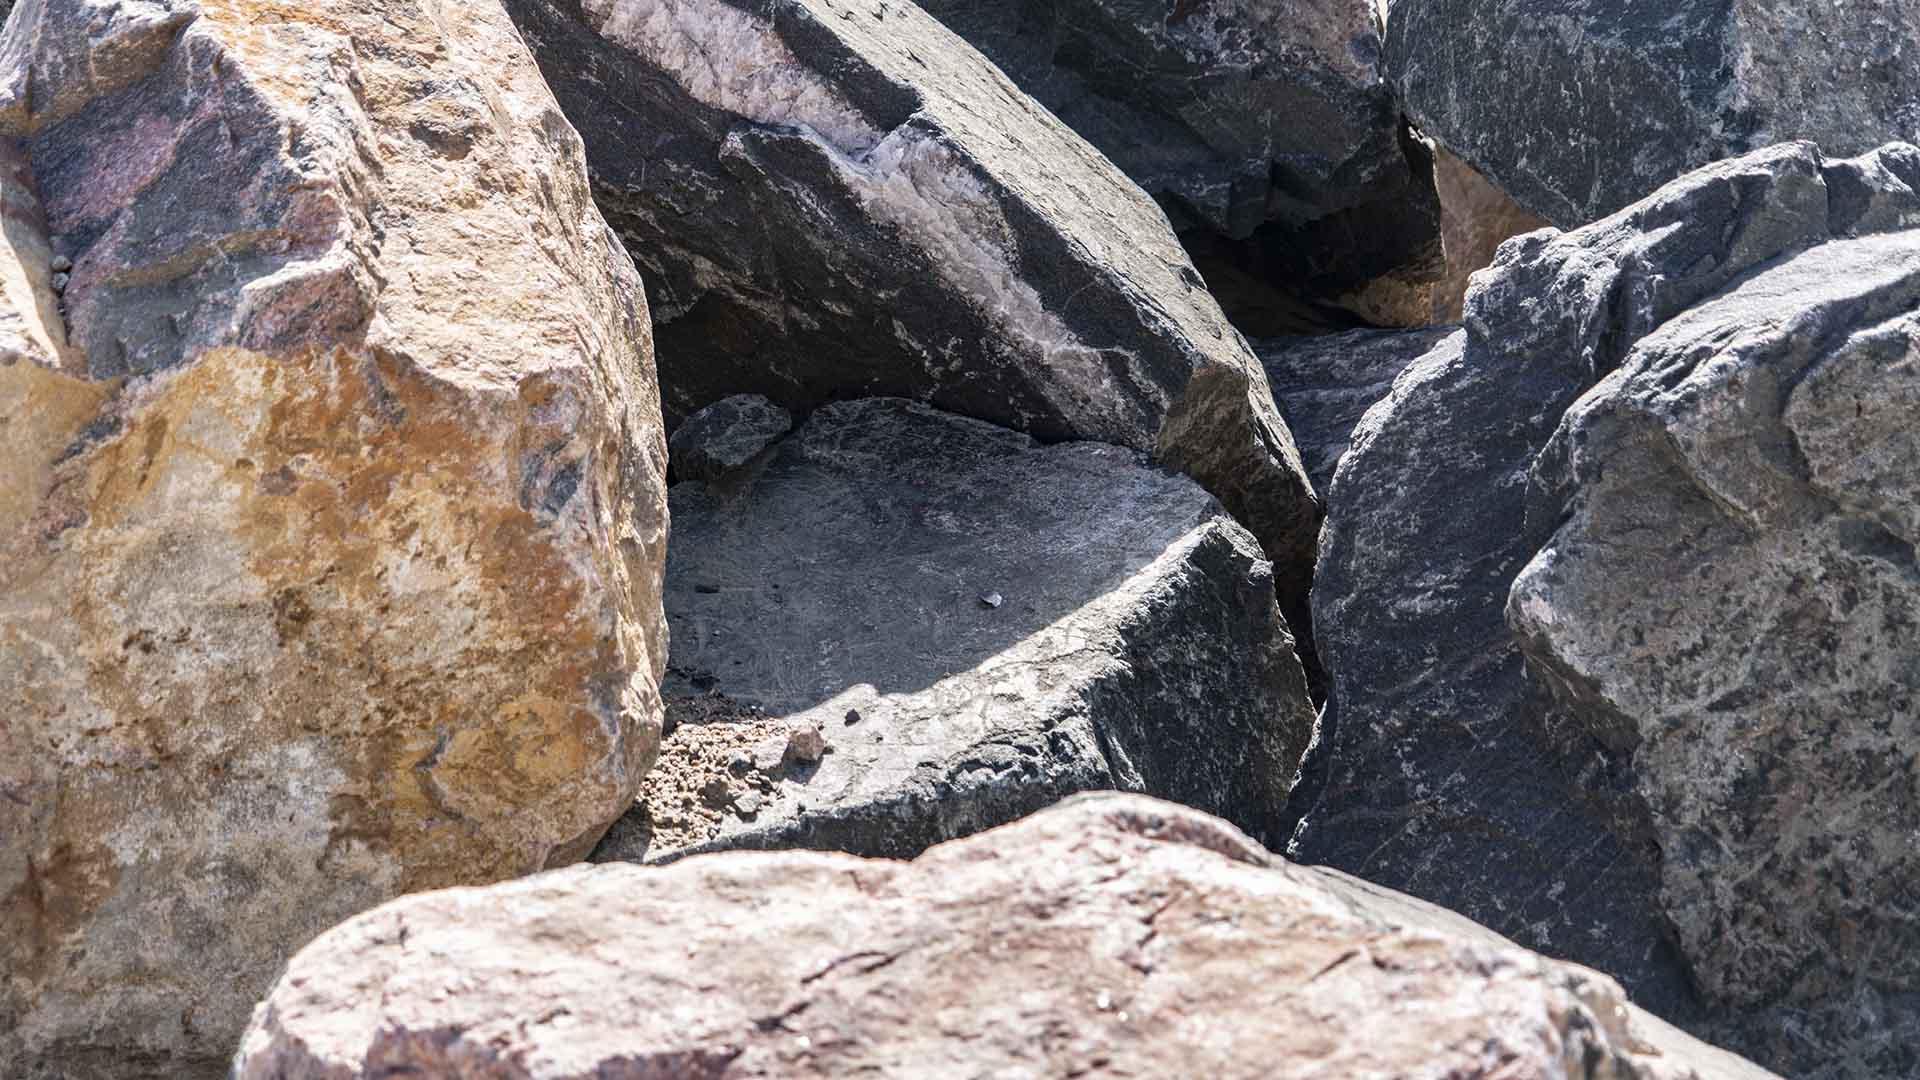 Denver Granite - 3 to 4 Foot Boulders